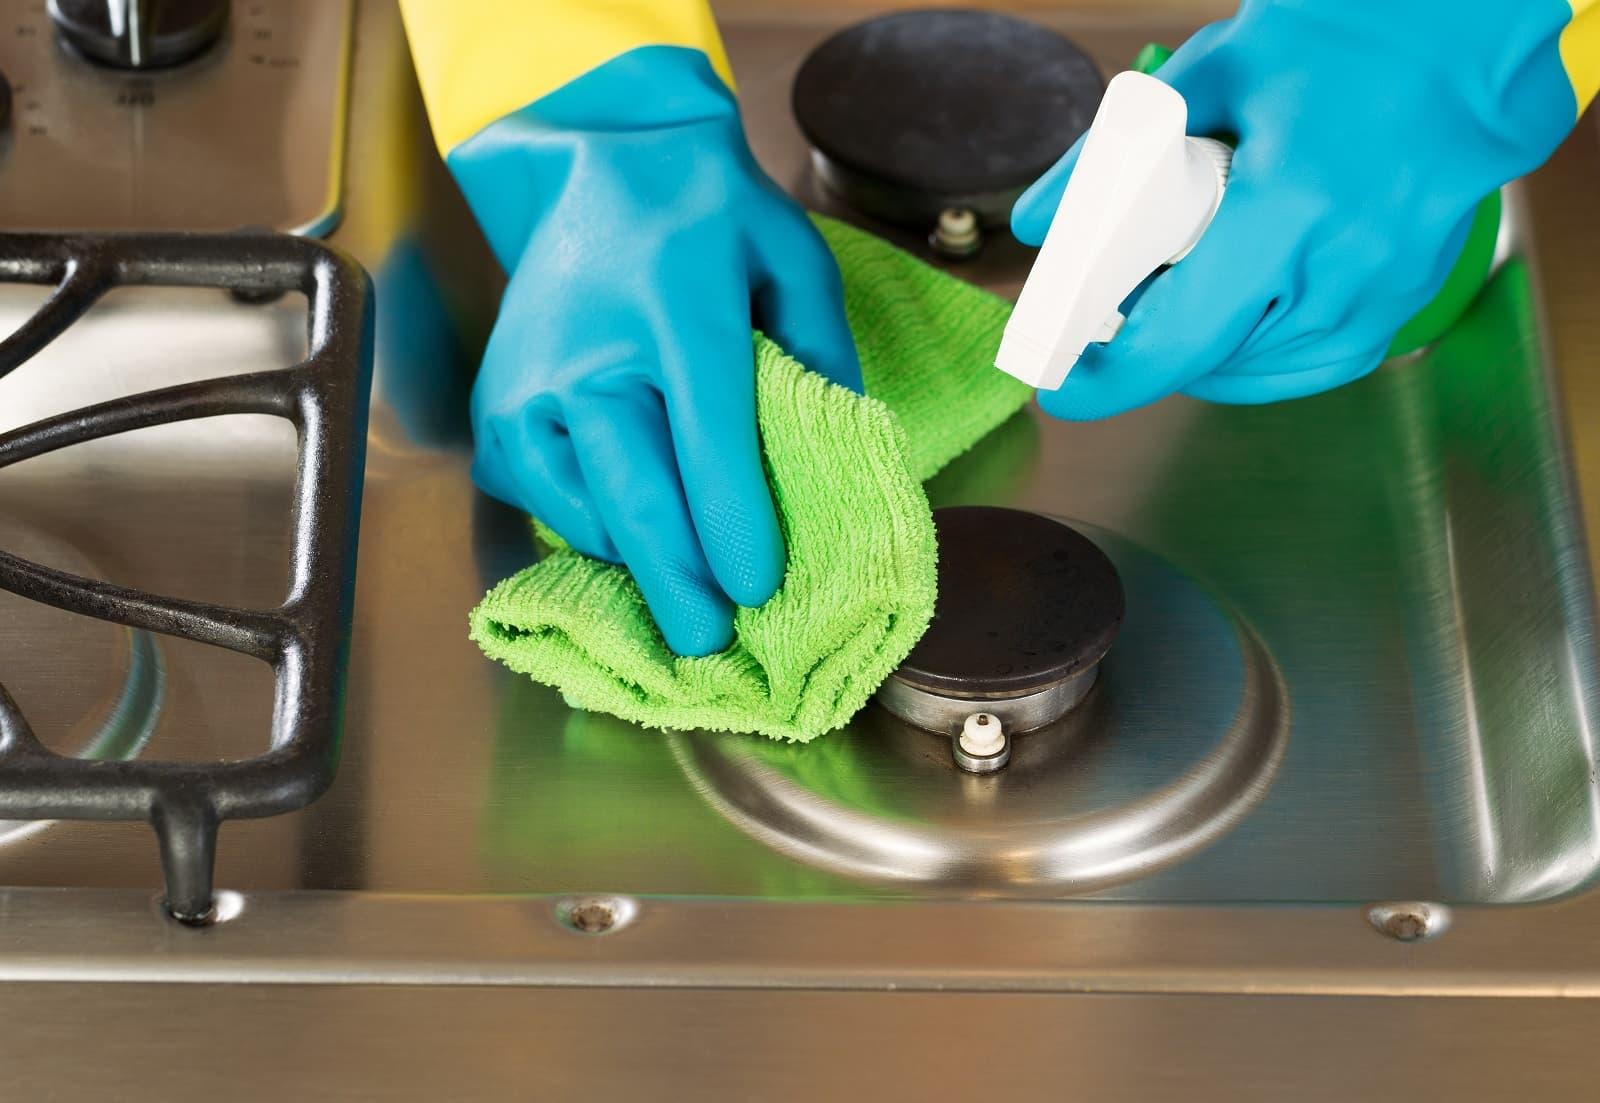 народные способы чистки плиты